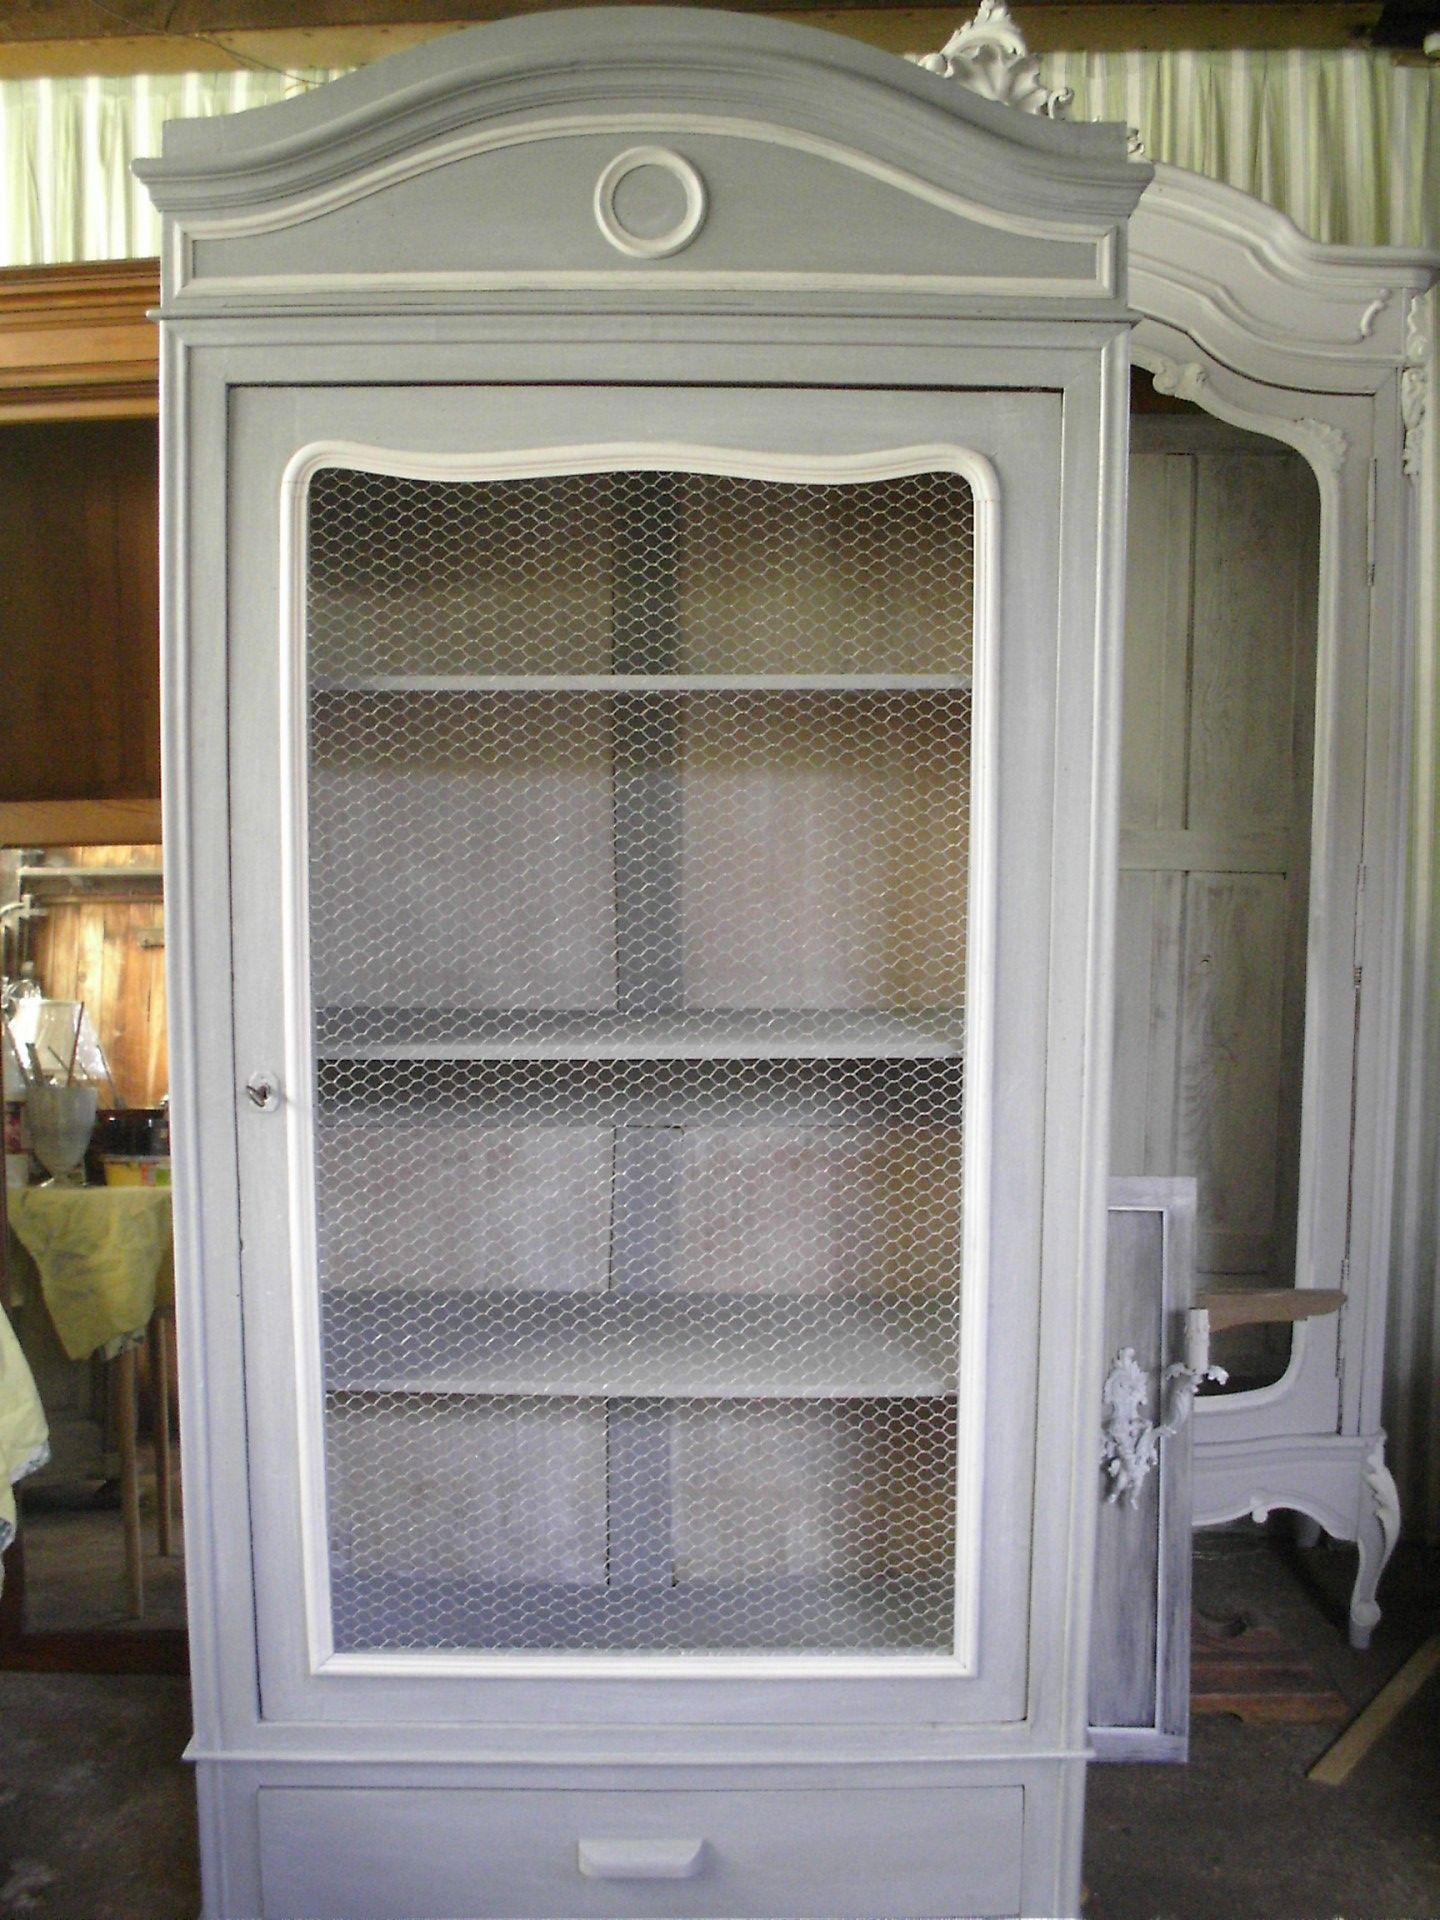 vieille armoire retap e patin e en gris et grillag e. Black Bedroom Furniture Sets. Home Design Ideas